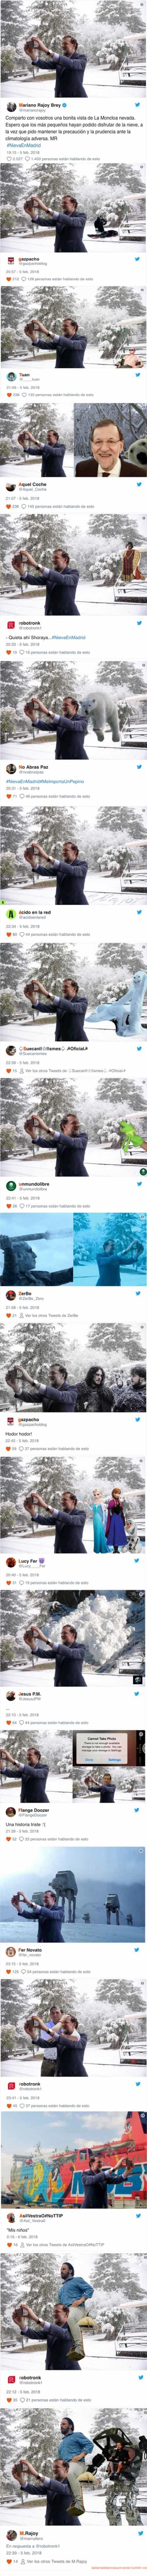 Meme_otros - Mariano Rajoy se hace un selfie con la nieve e internet se llena de montajes